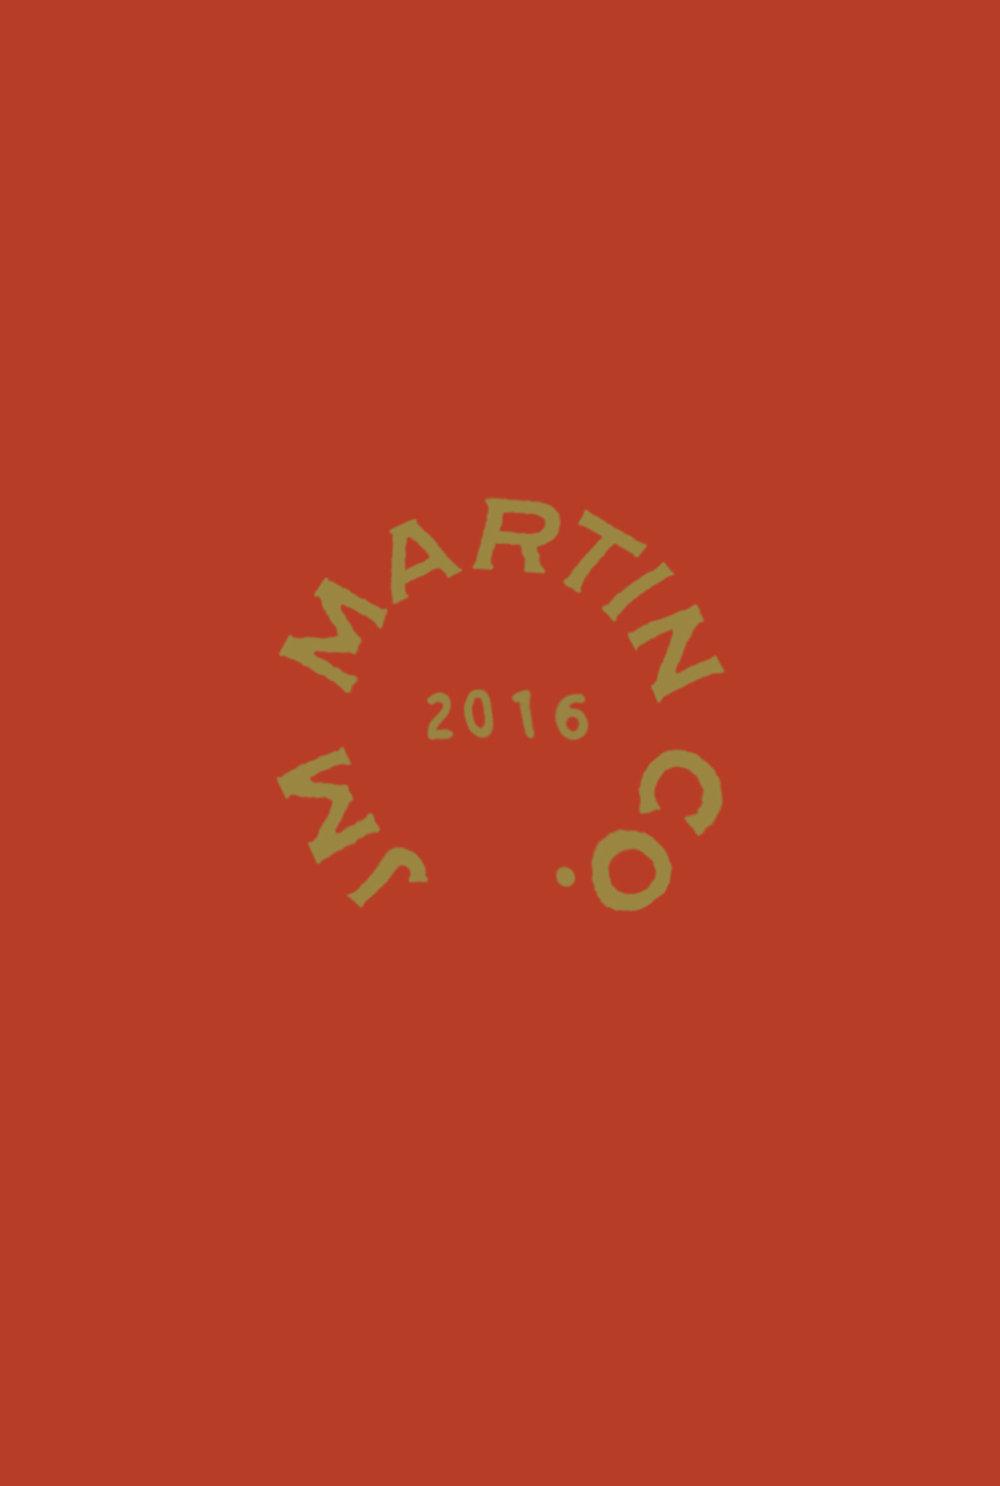 jmmartin-vert_circle-mark.jpg